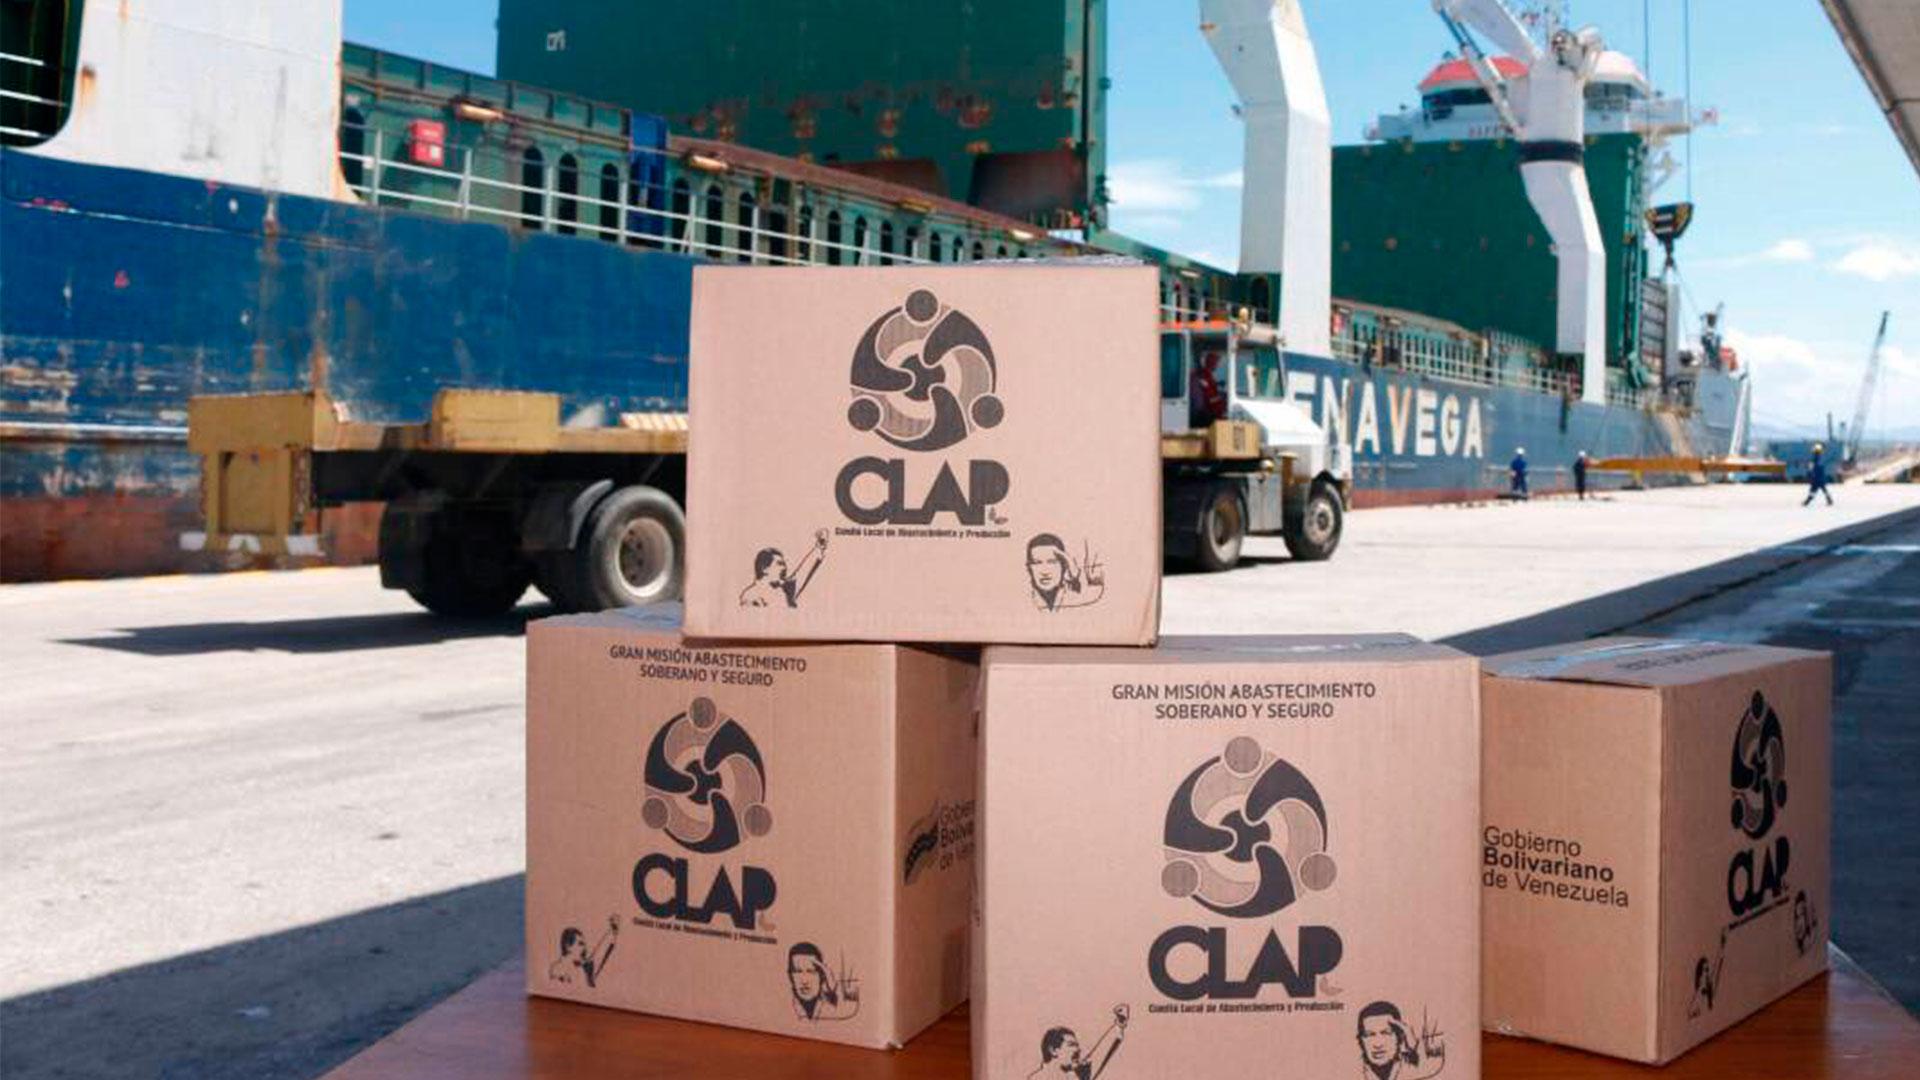 Cajas CLAP tendrán un precio de 150 bolívares soberanos a partir del 1 de septiembre